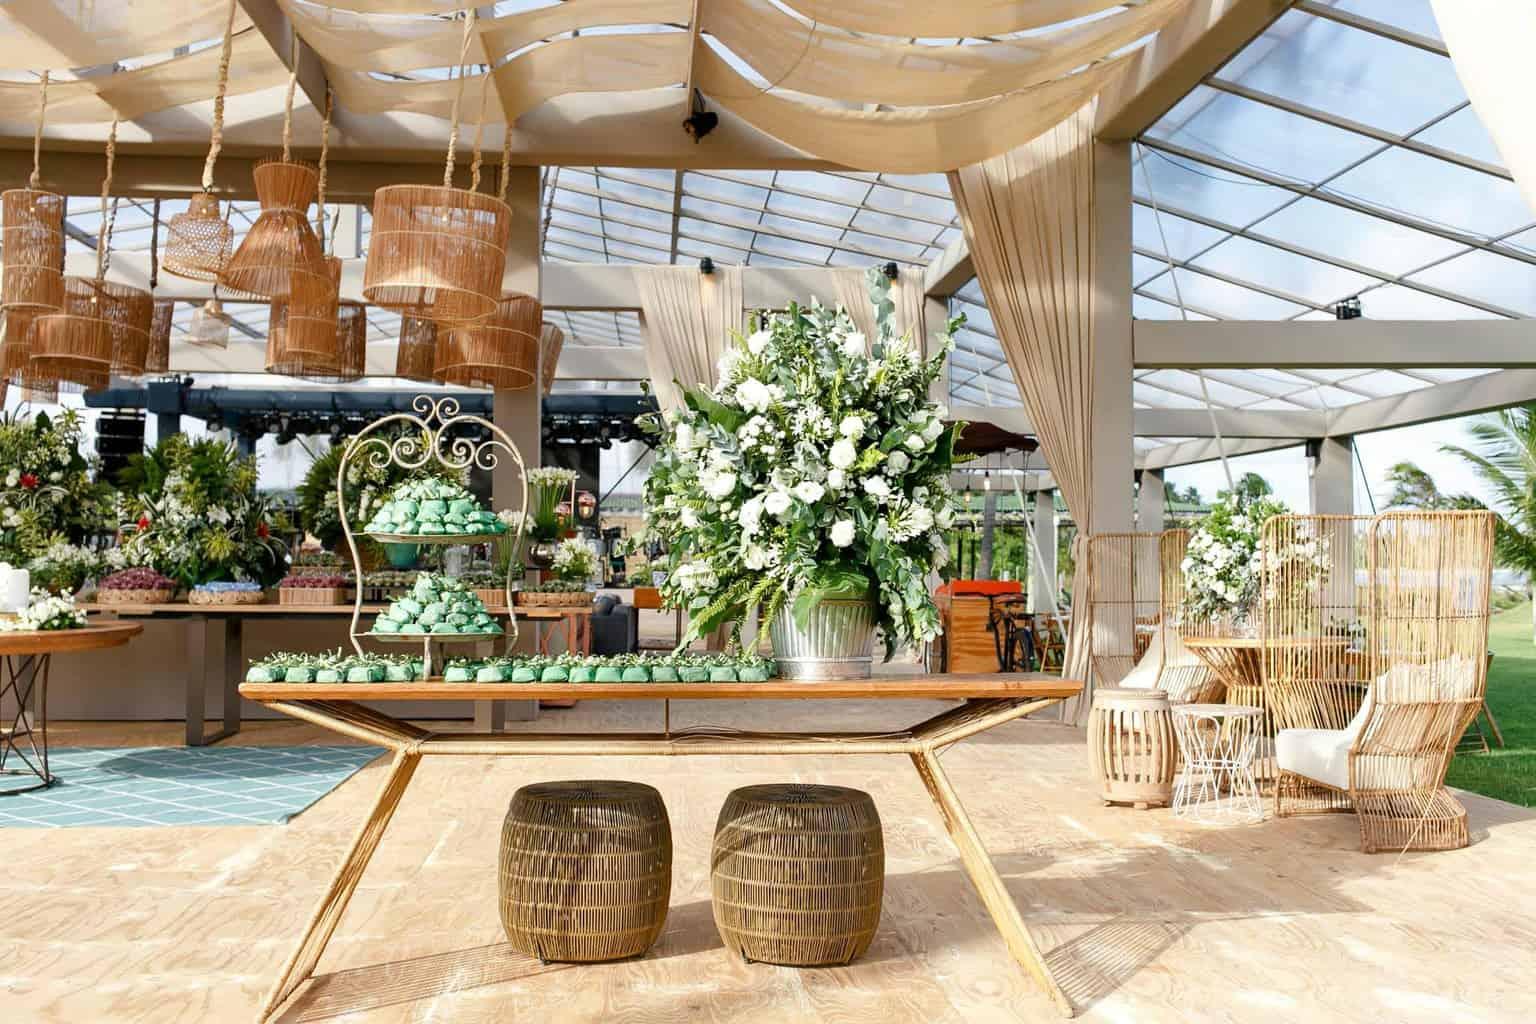 AL-Aline-e-Mauricio-bolo-de-casamento-capela-dos-milagres-casamento-casamento-na-praia-decoracao-de-casamento32-1